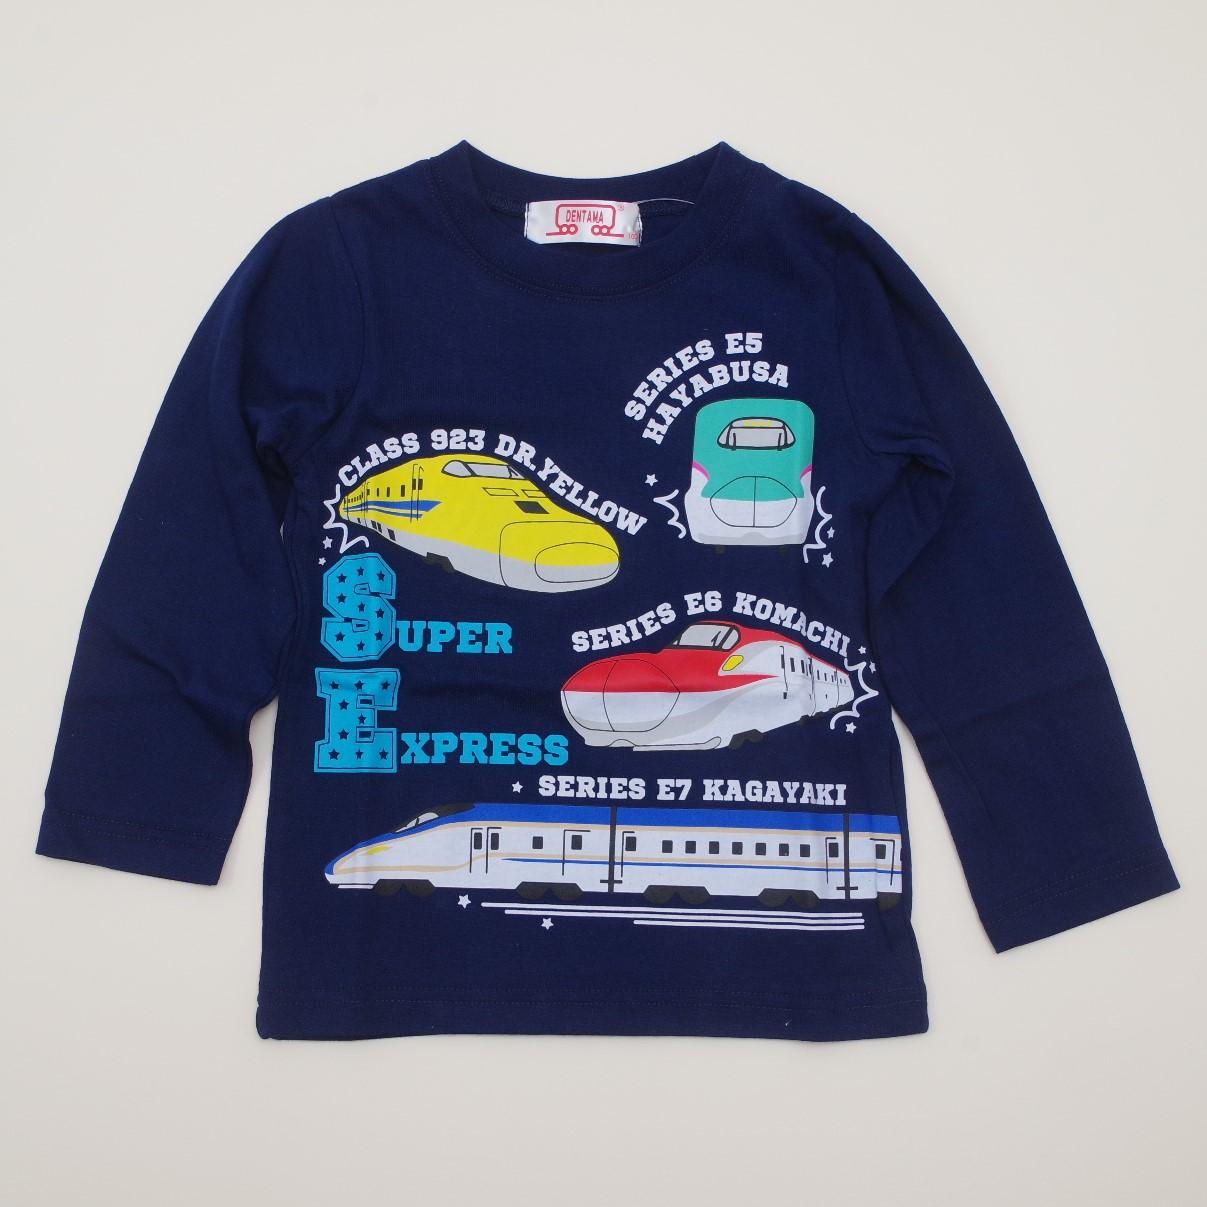 でんたま(新幹線) 長袖Tシャツ 100cm-130cm(943DT4011-NE)